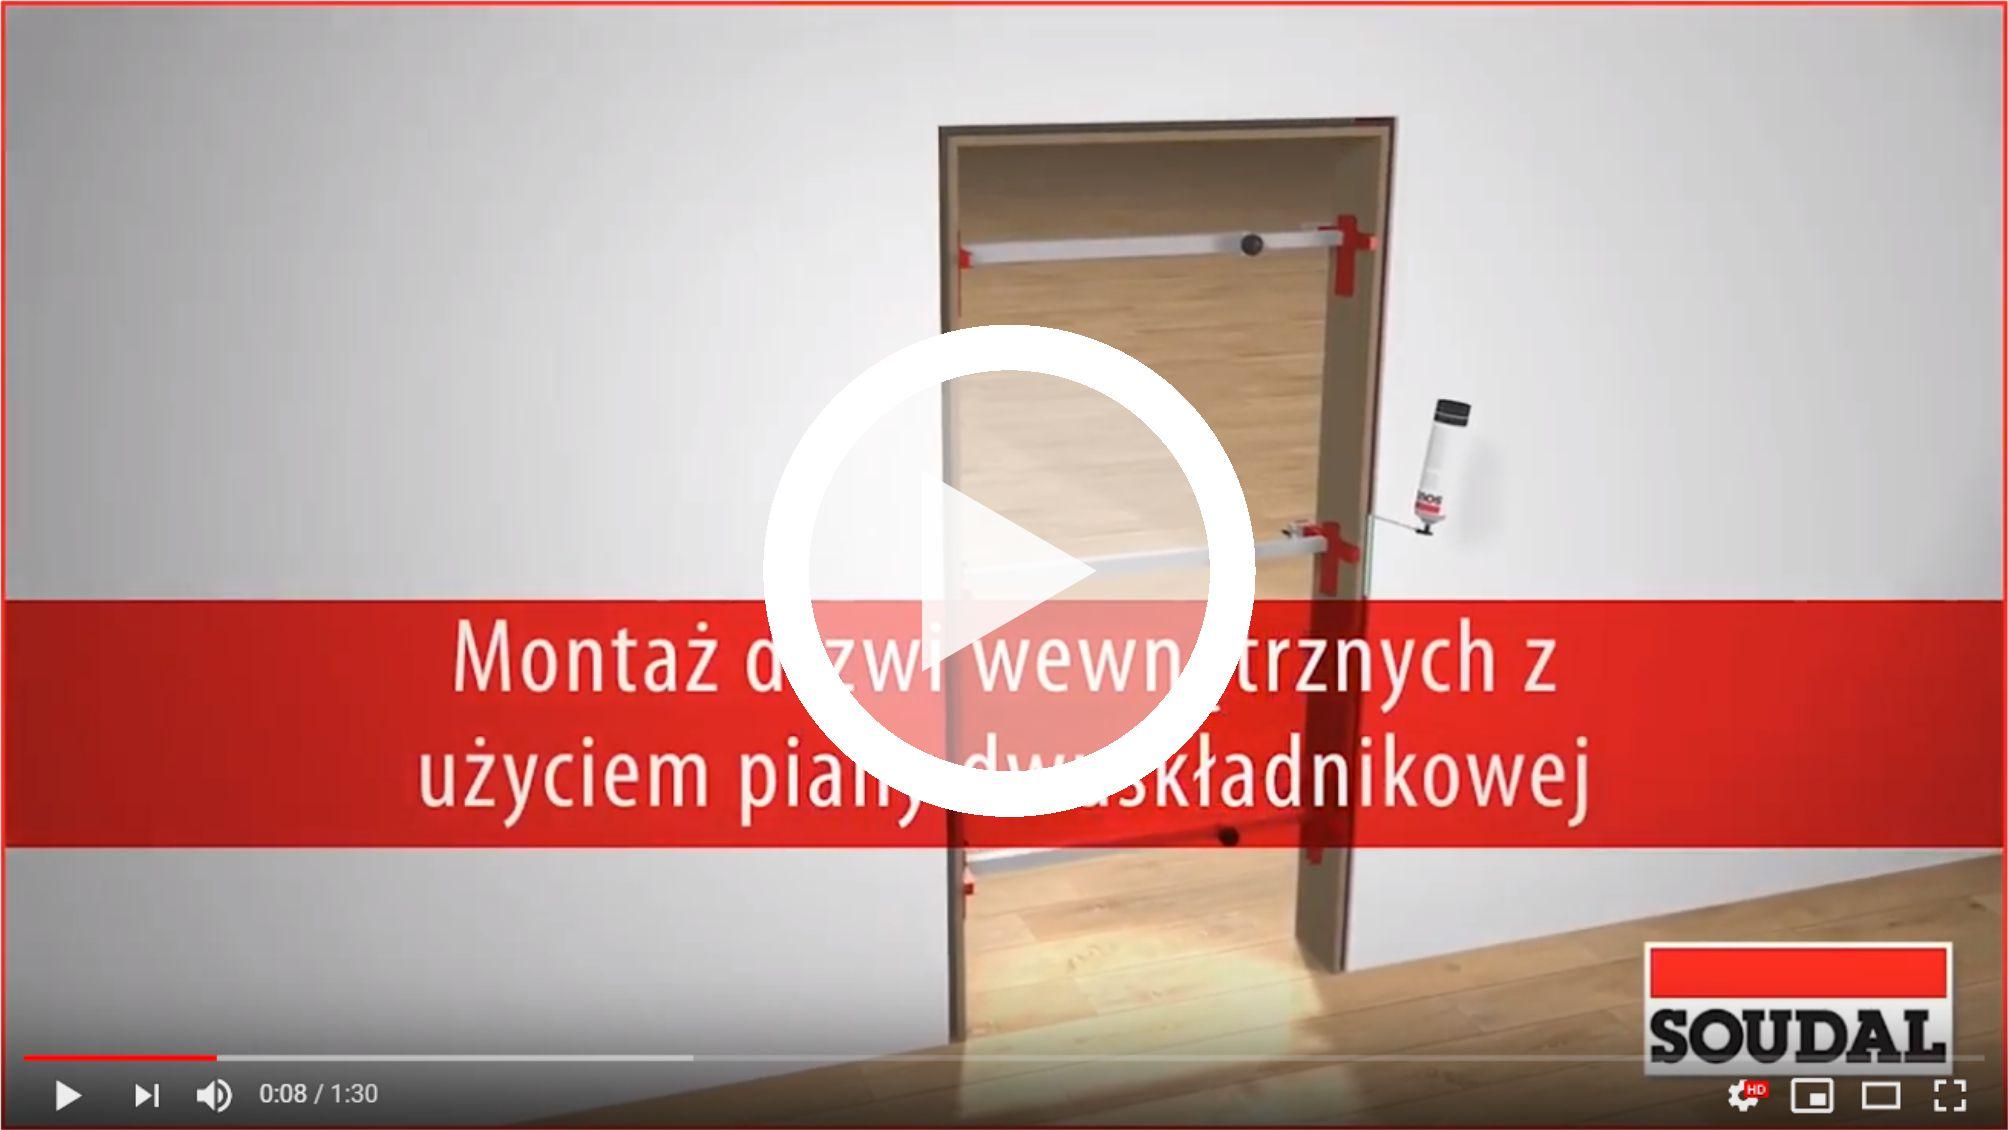 montaz-drzwi-z-uzyciem-pianki-montazowej-dwuskladnikowej-soudal